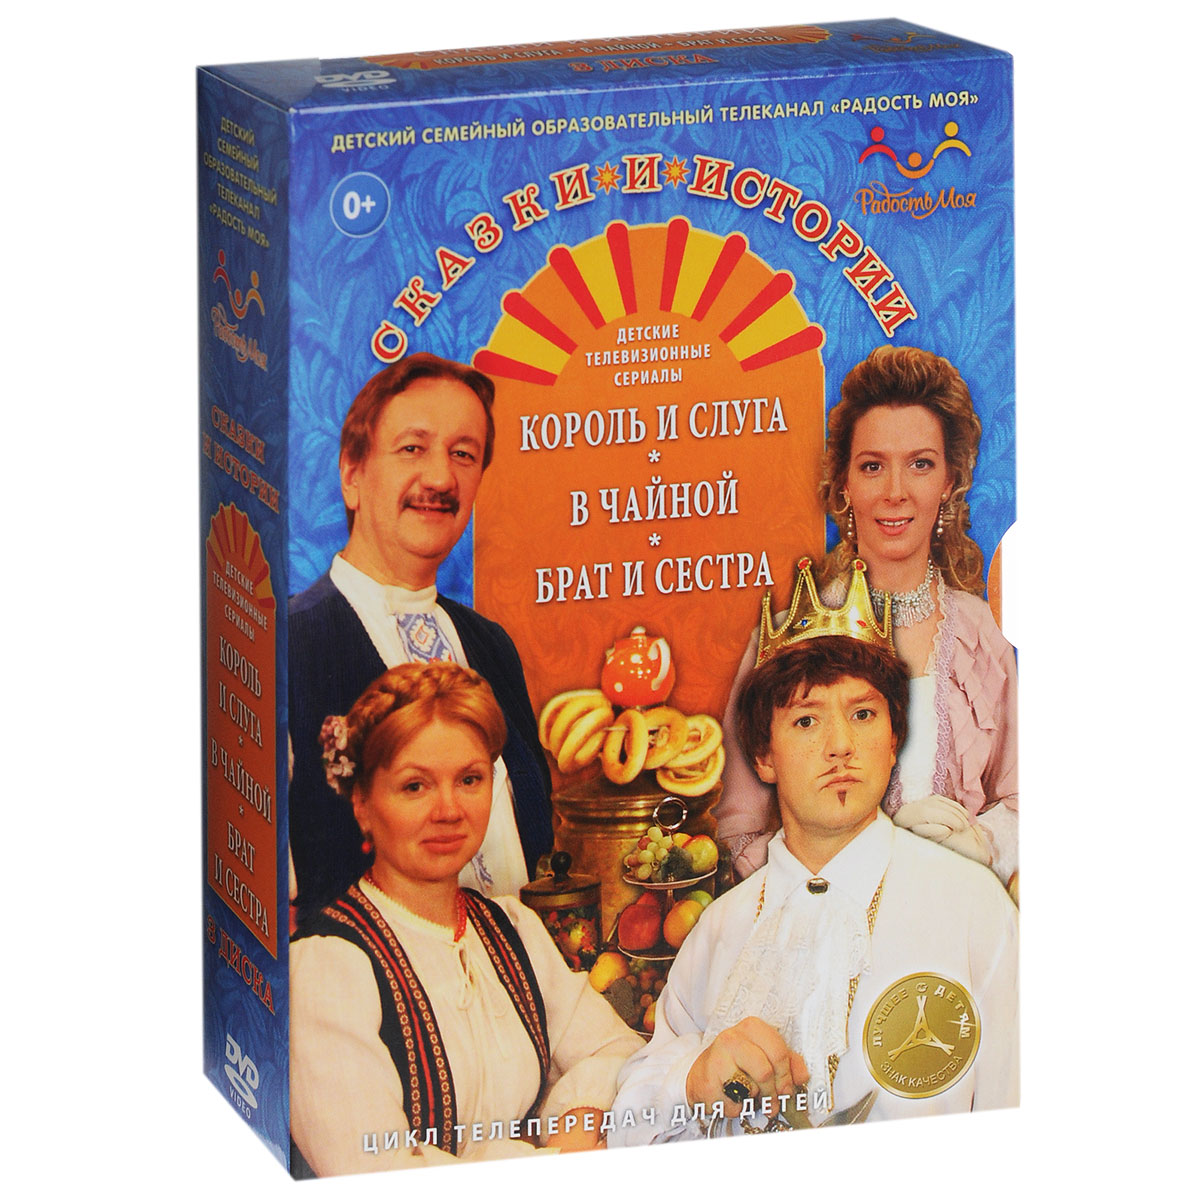 Король и слуга / В чайной / Брат и сестра (3 DVD) мироздание книги и медиа